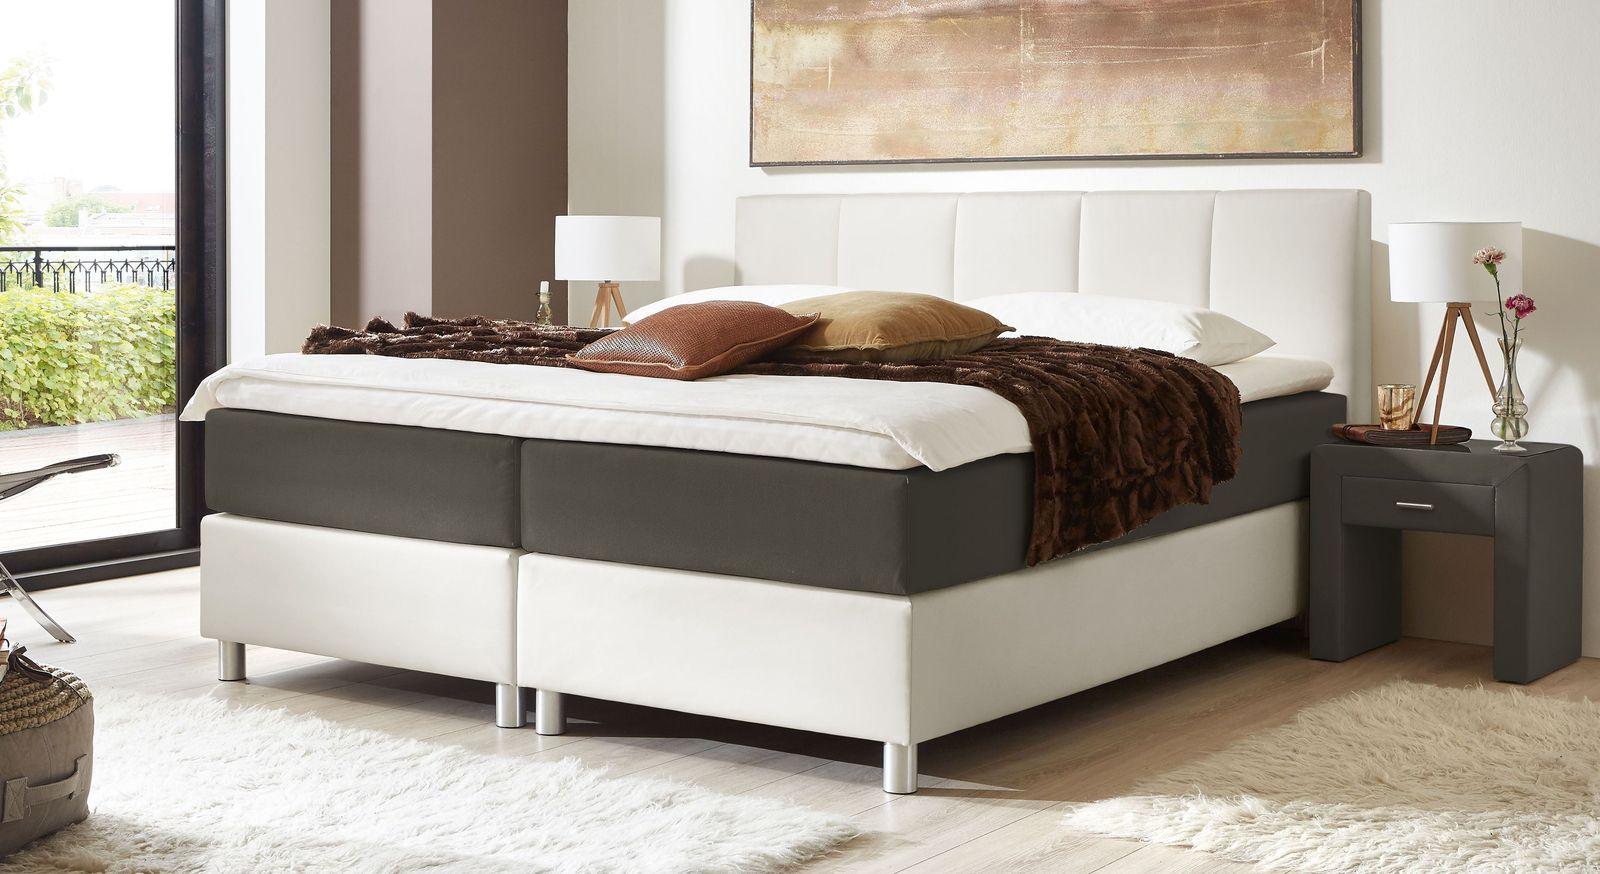 66 cm hohes Boxspringbett Greenwood aus weißem Kunstleder und anthrazitfarbenem Stoff